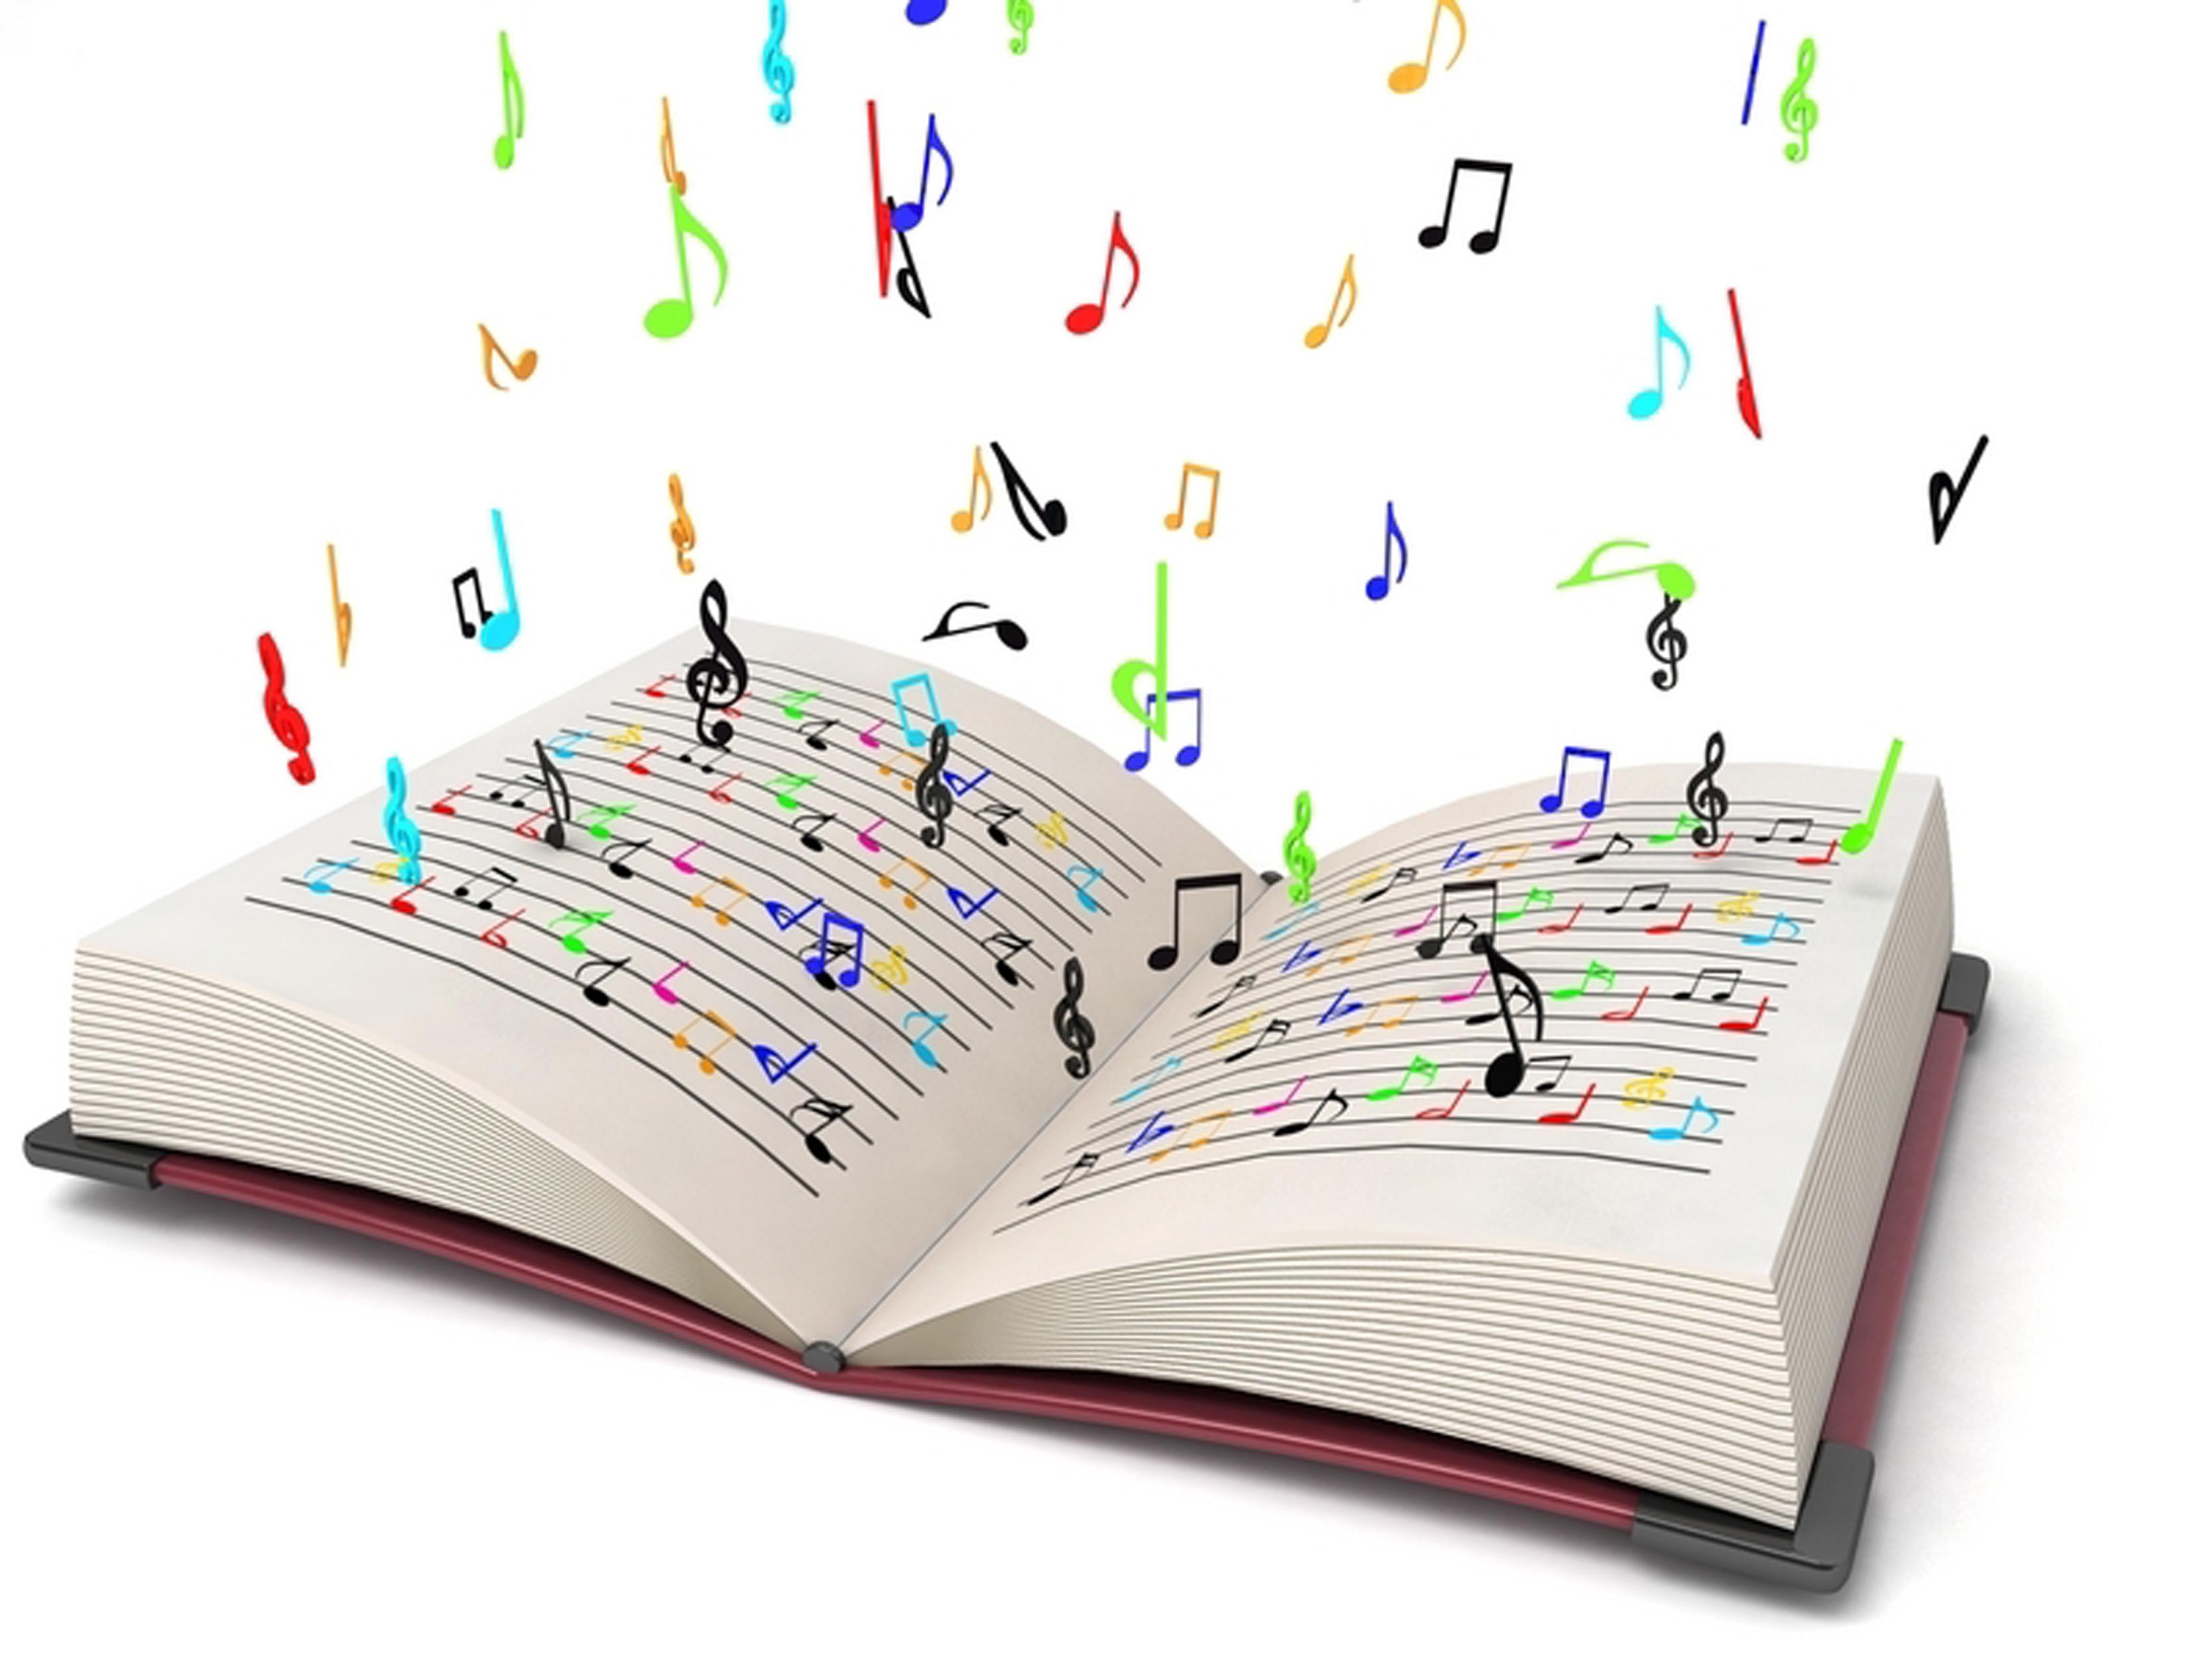 Lærervejledning - Teori 1, introduktion til rytmenoder